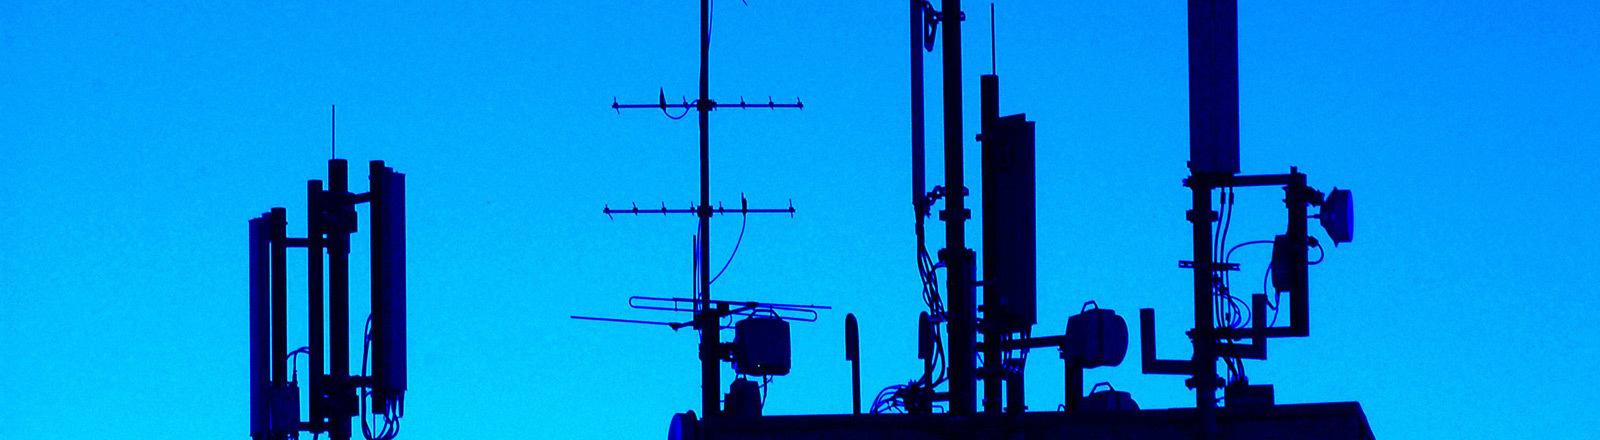 Funkmasten auf einem Gebäudedach.